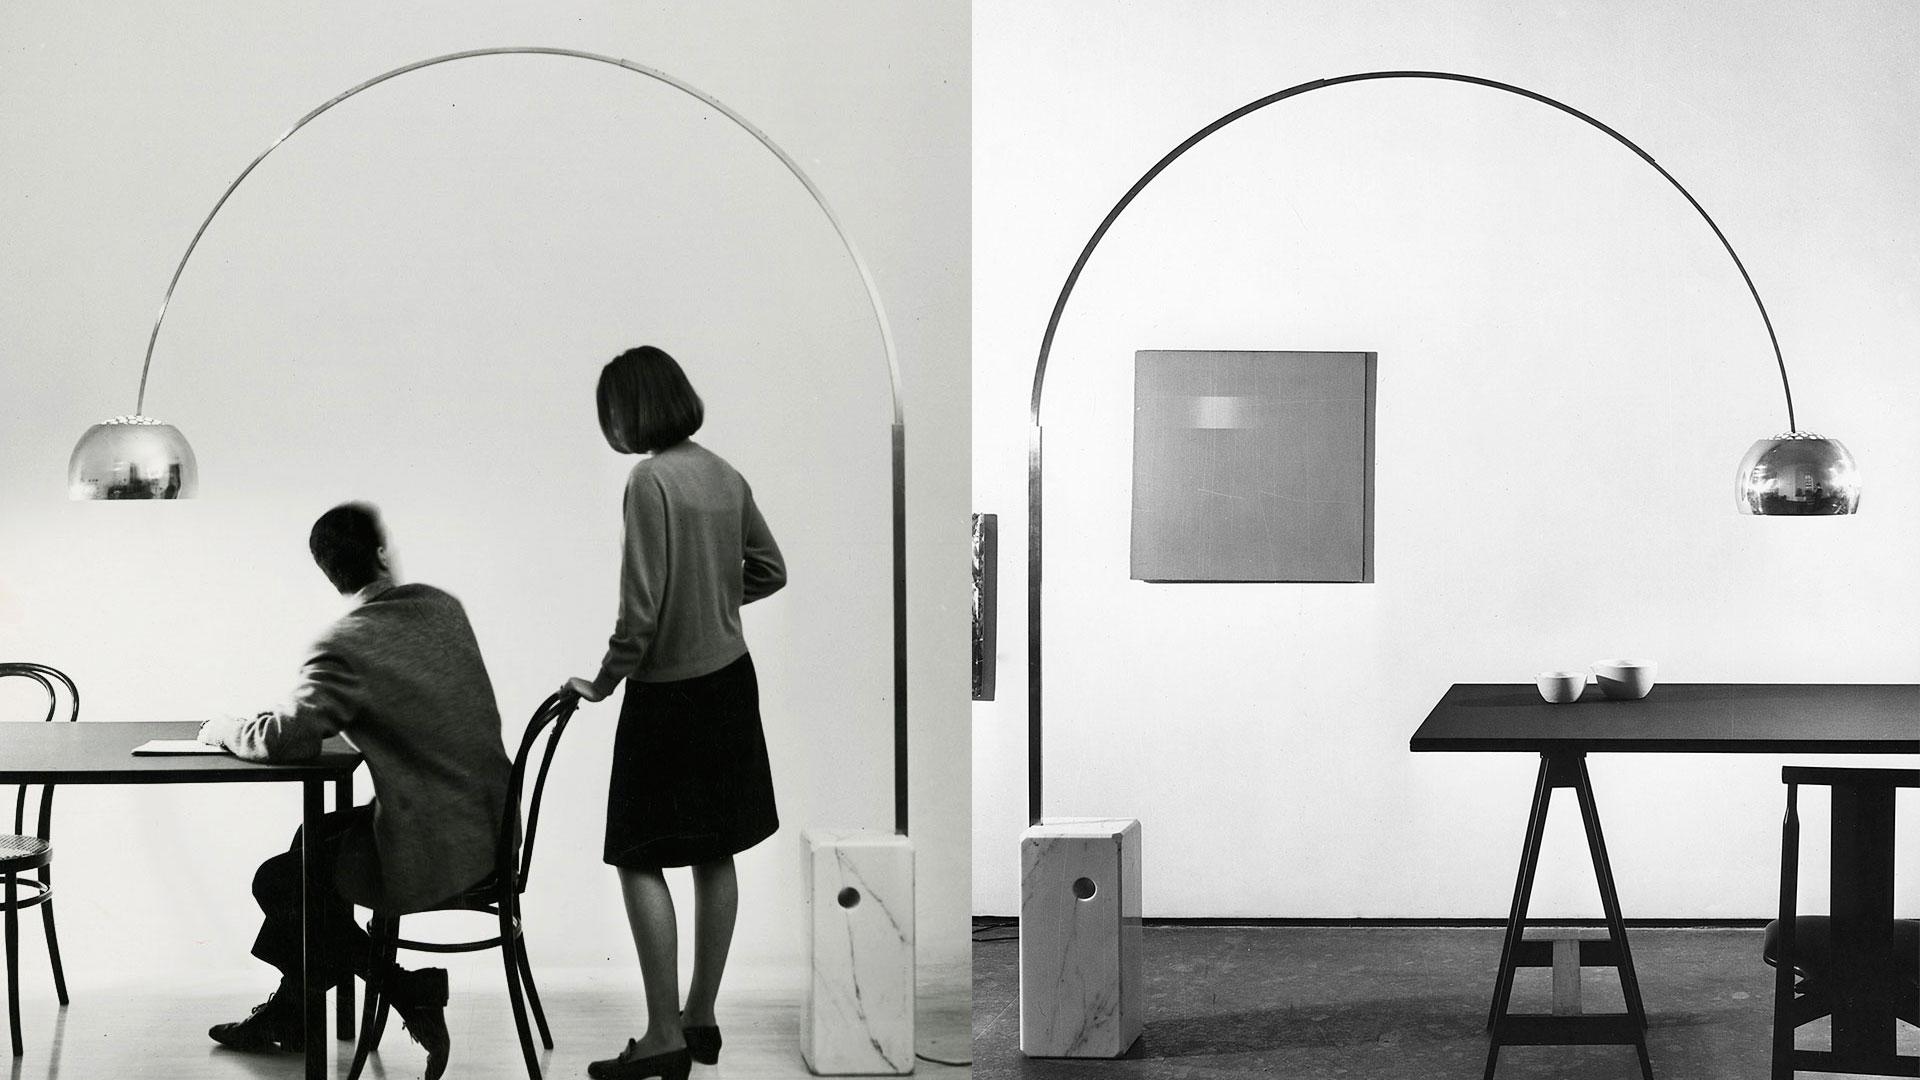 Arco - Achille & Pier Giacomo Castiglioni, 1962